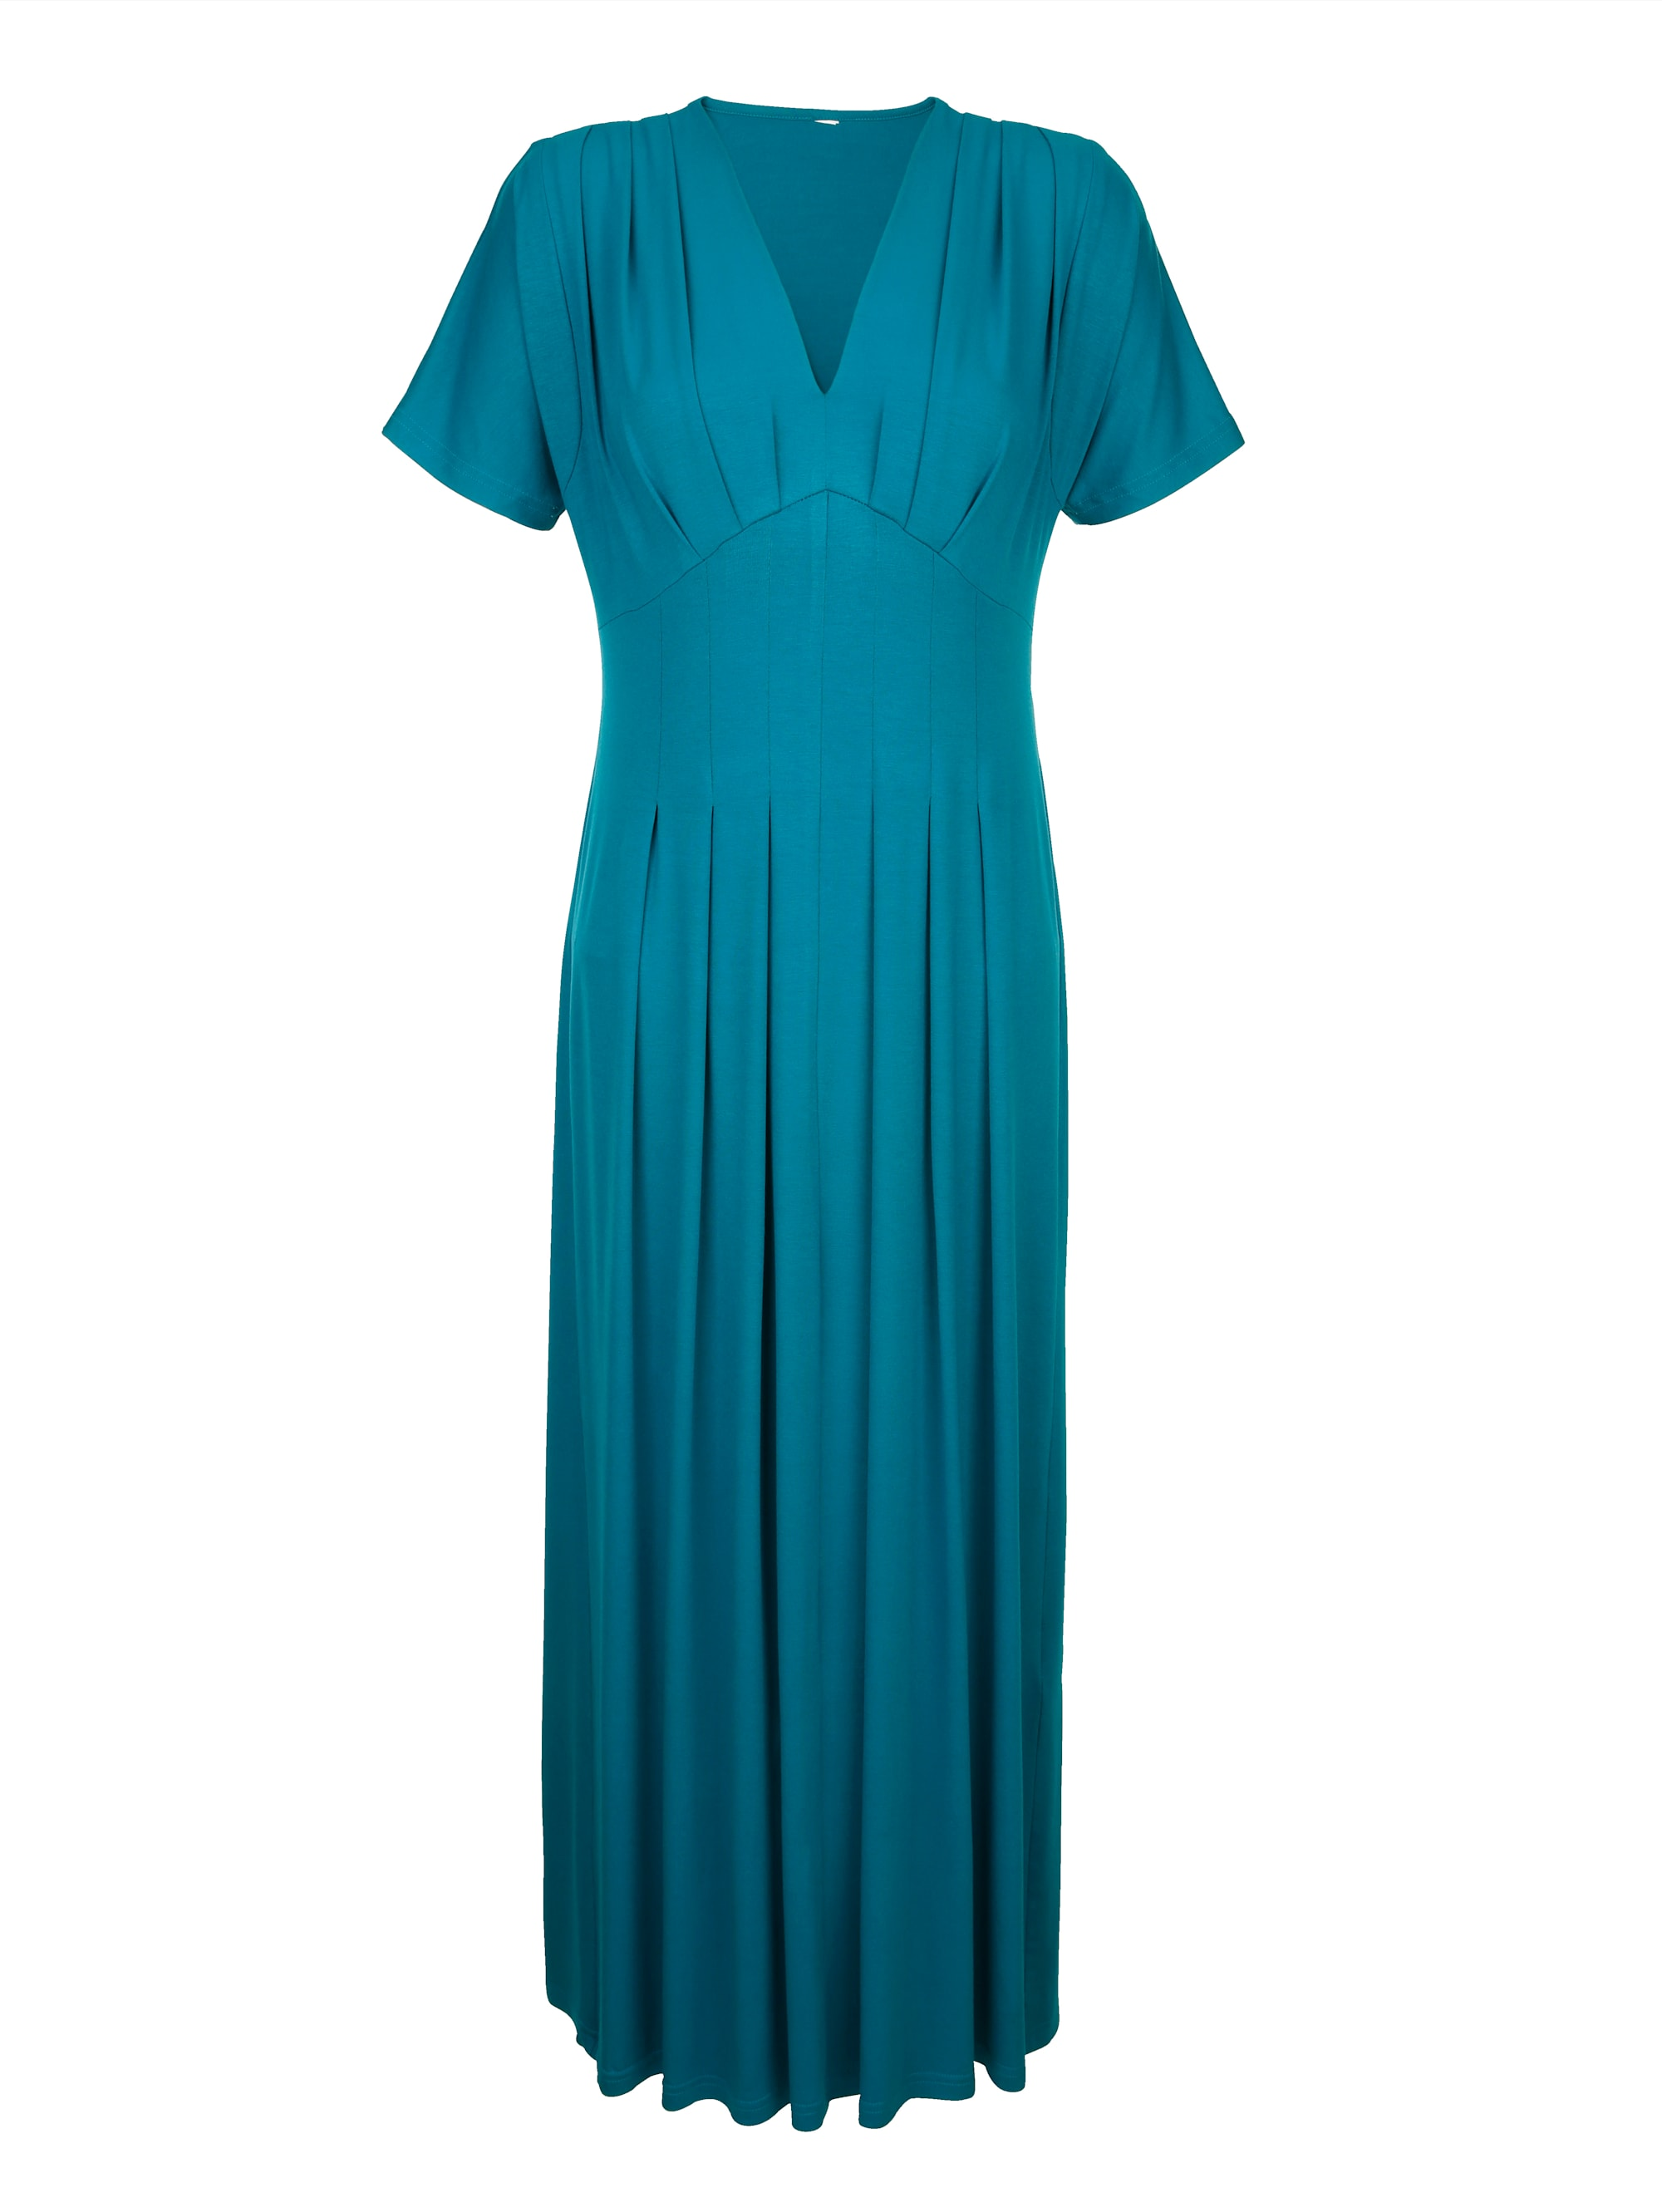 Maritim Strandkleid in langer Form v6ubm PGCAm